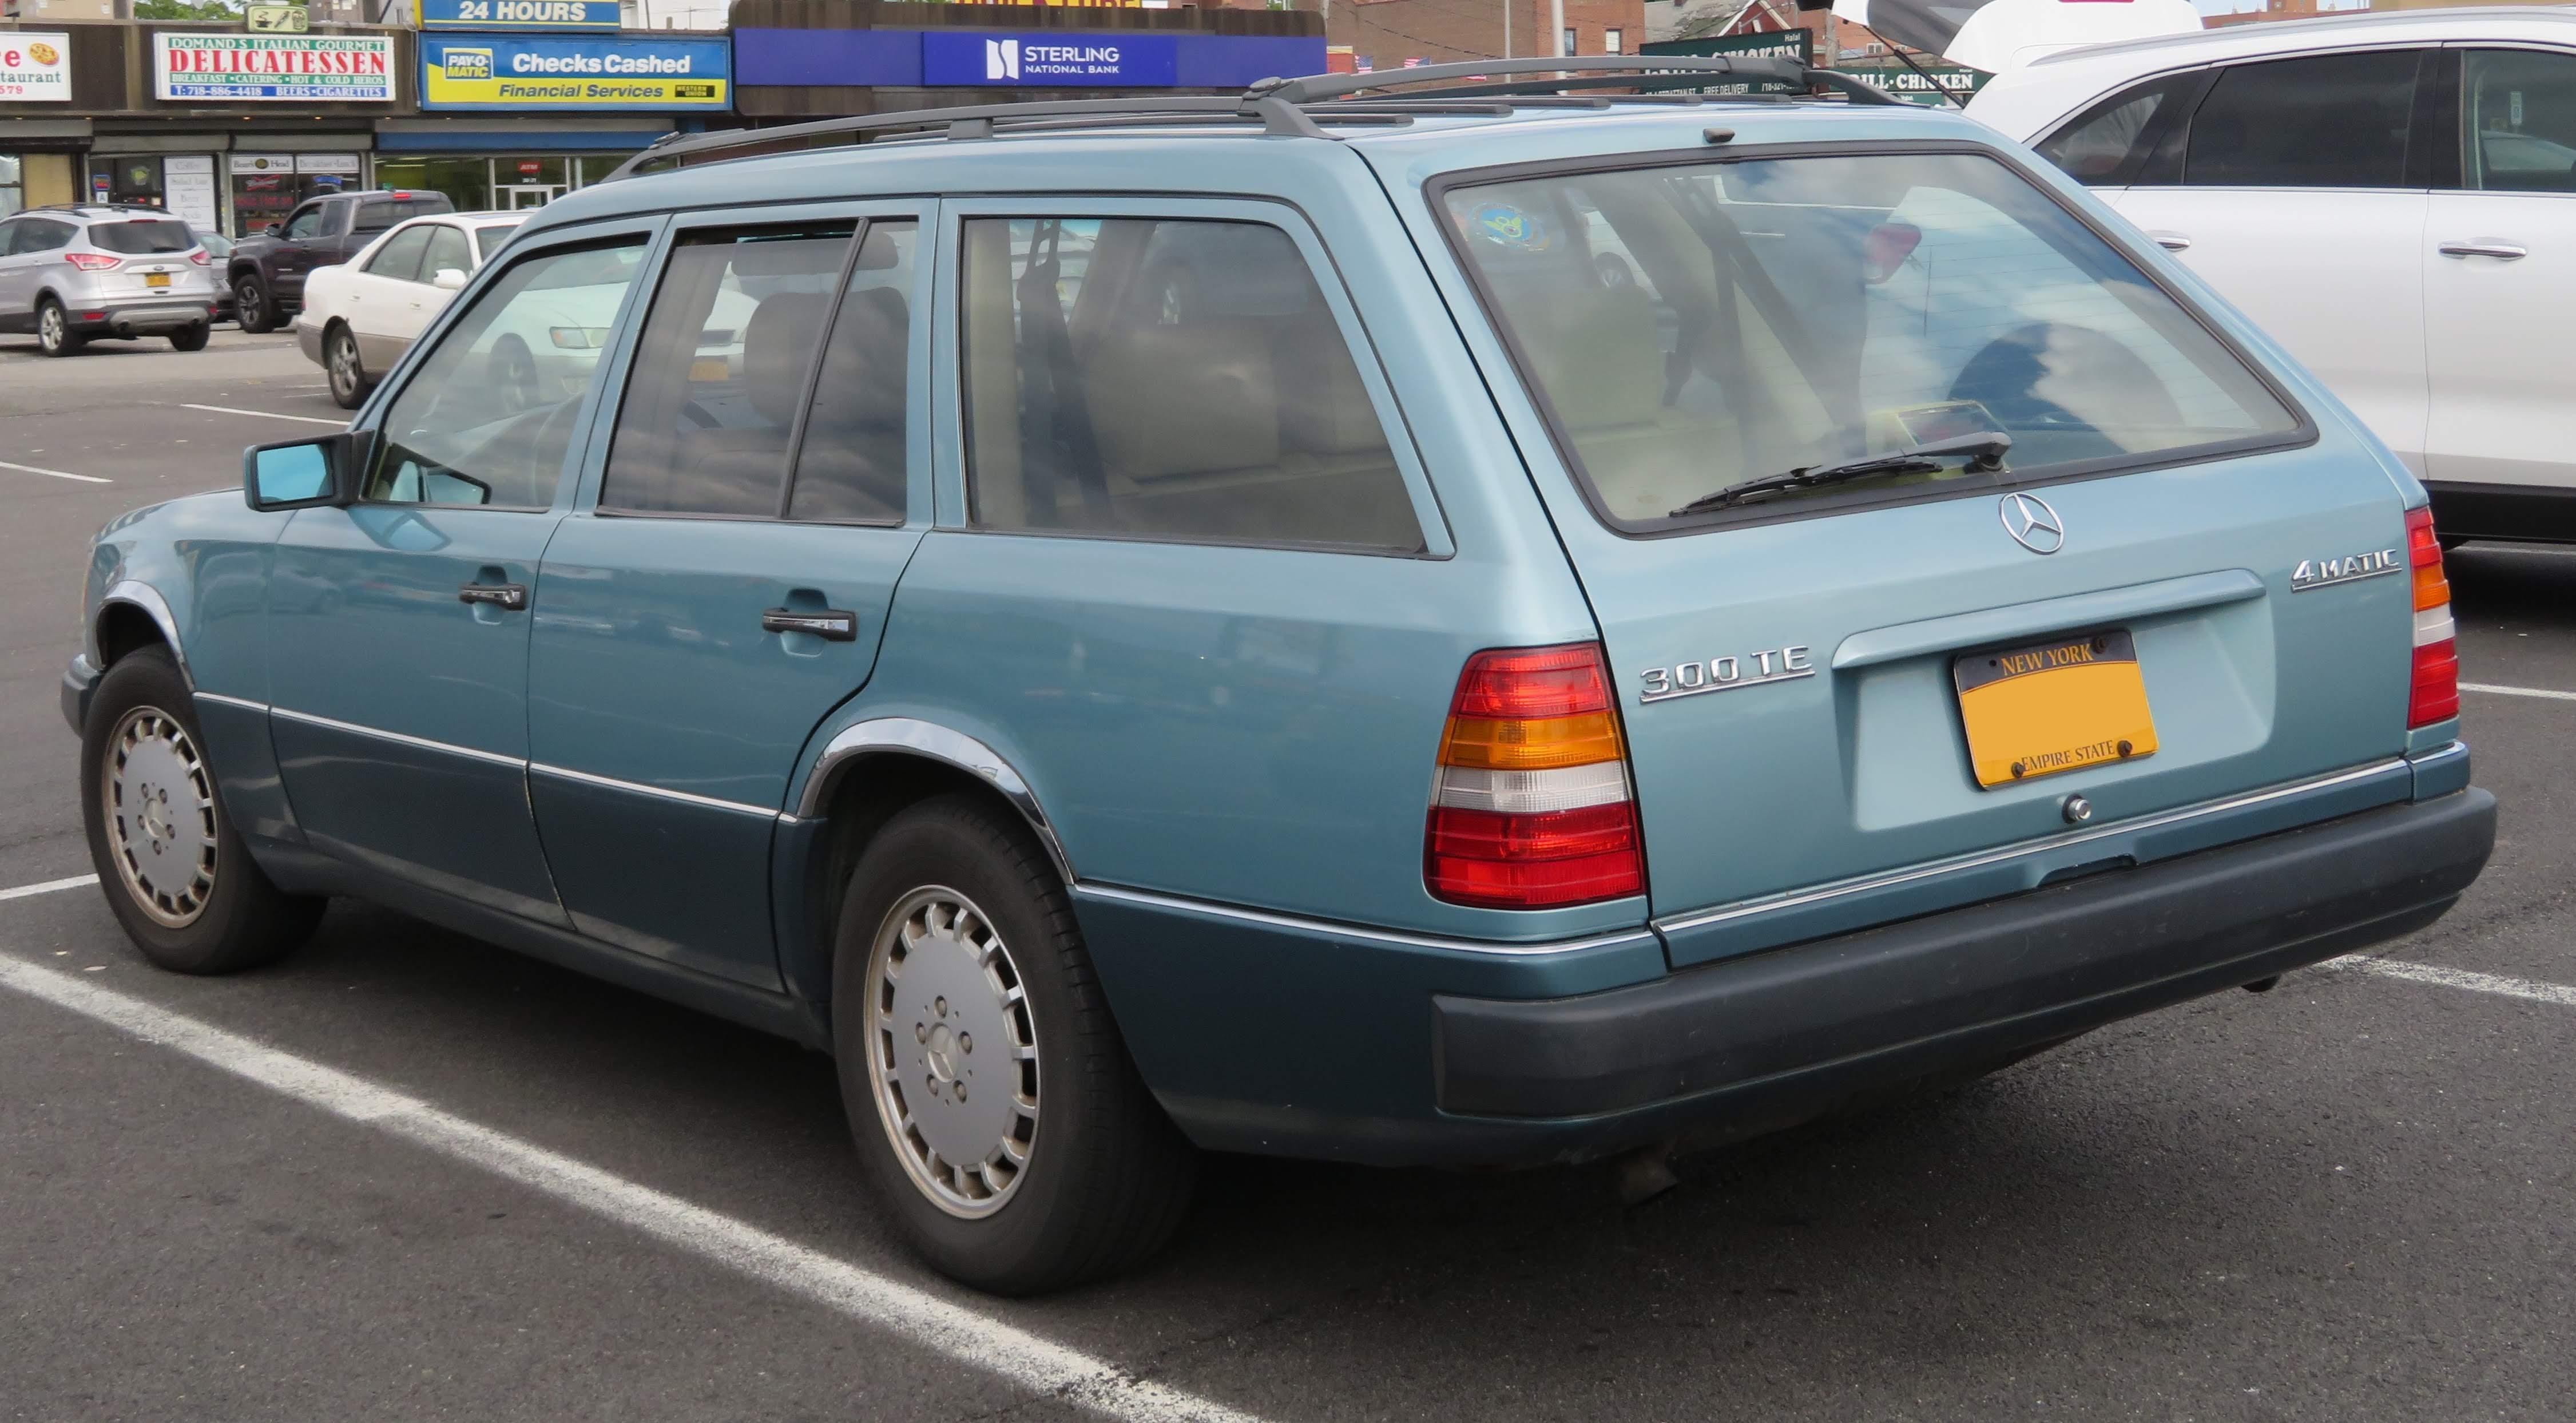 File:1991 Mercedes-Benz 300 TE (W124) Estate rear 5 20 18 jpg